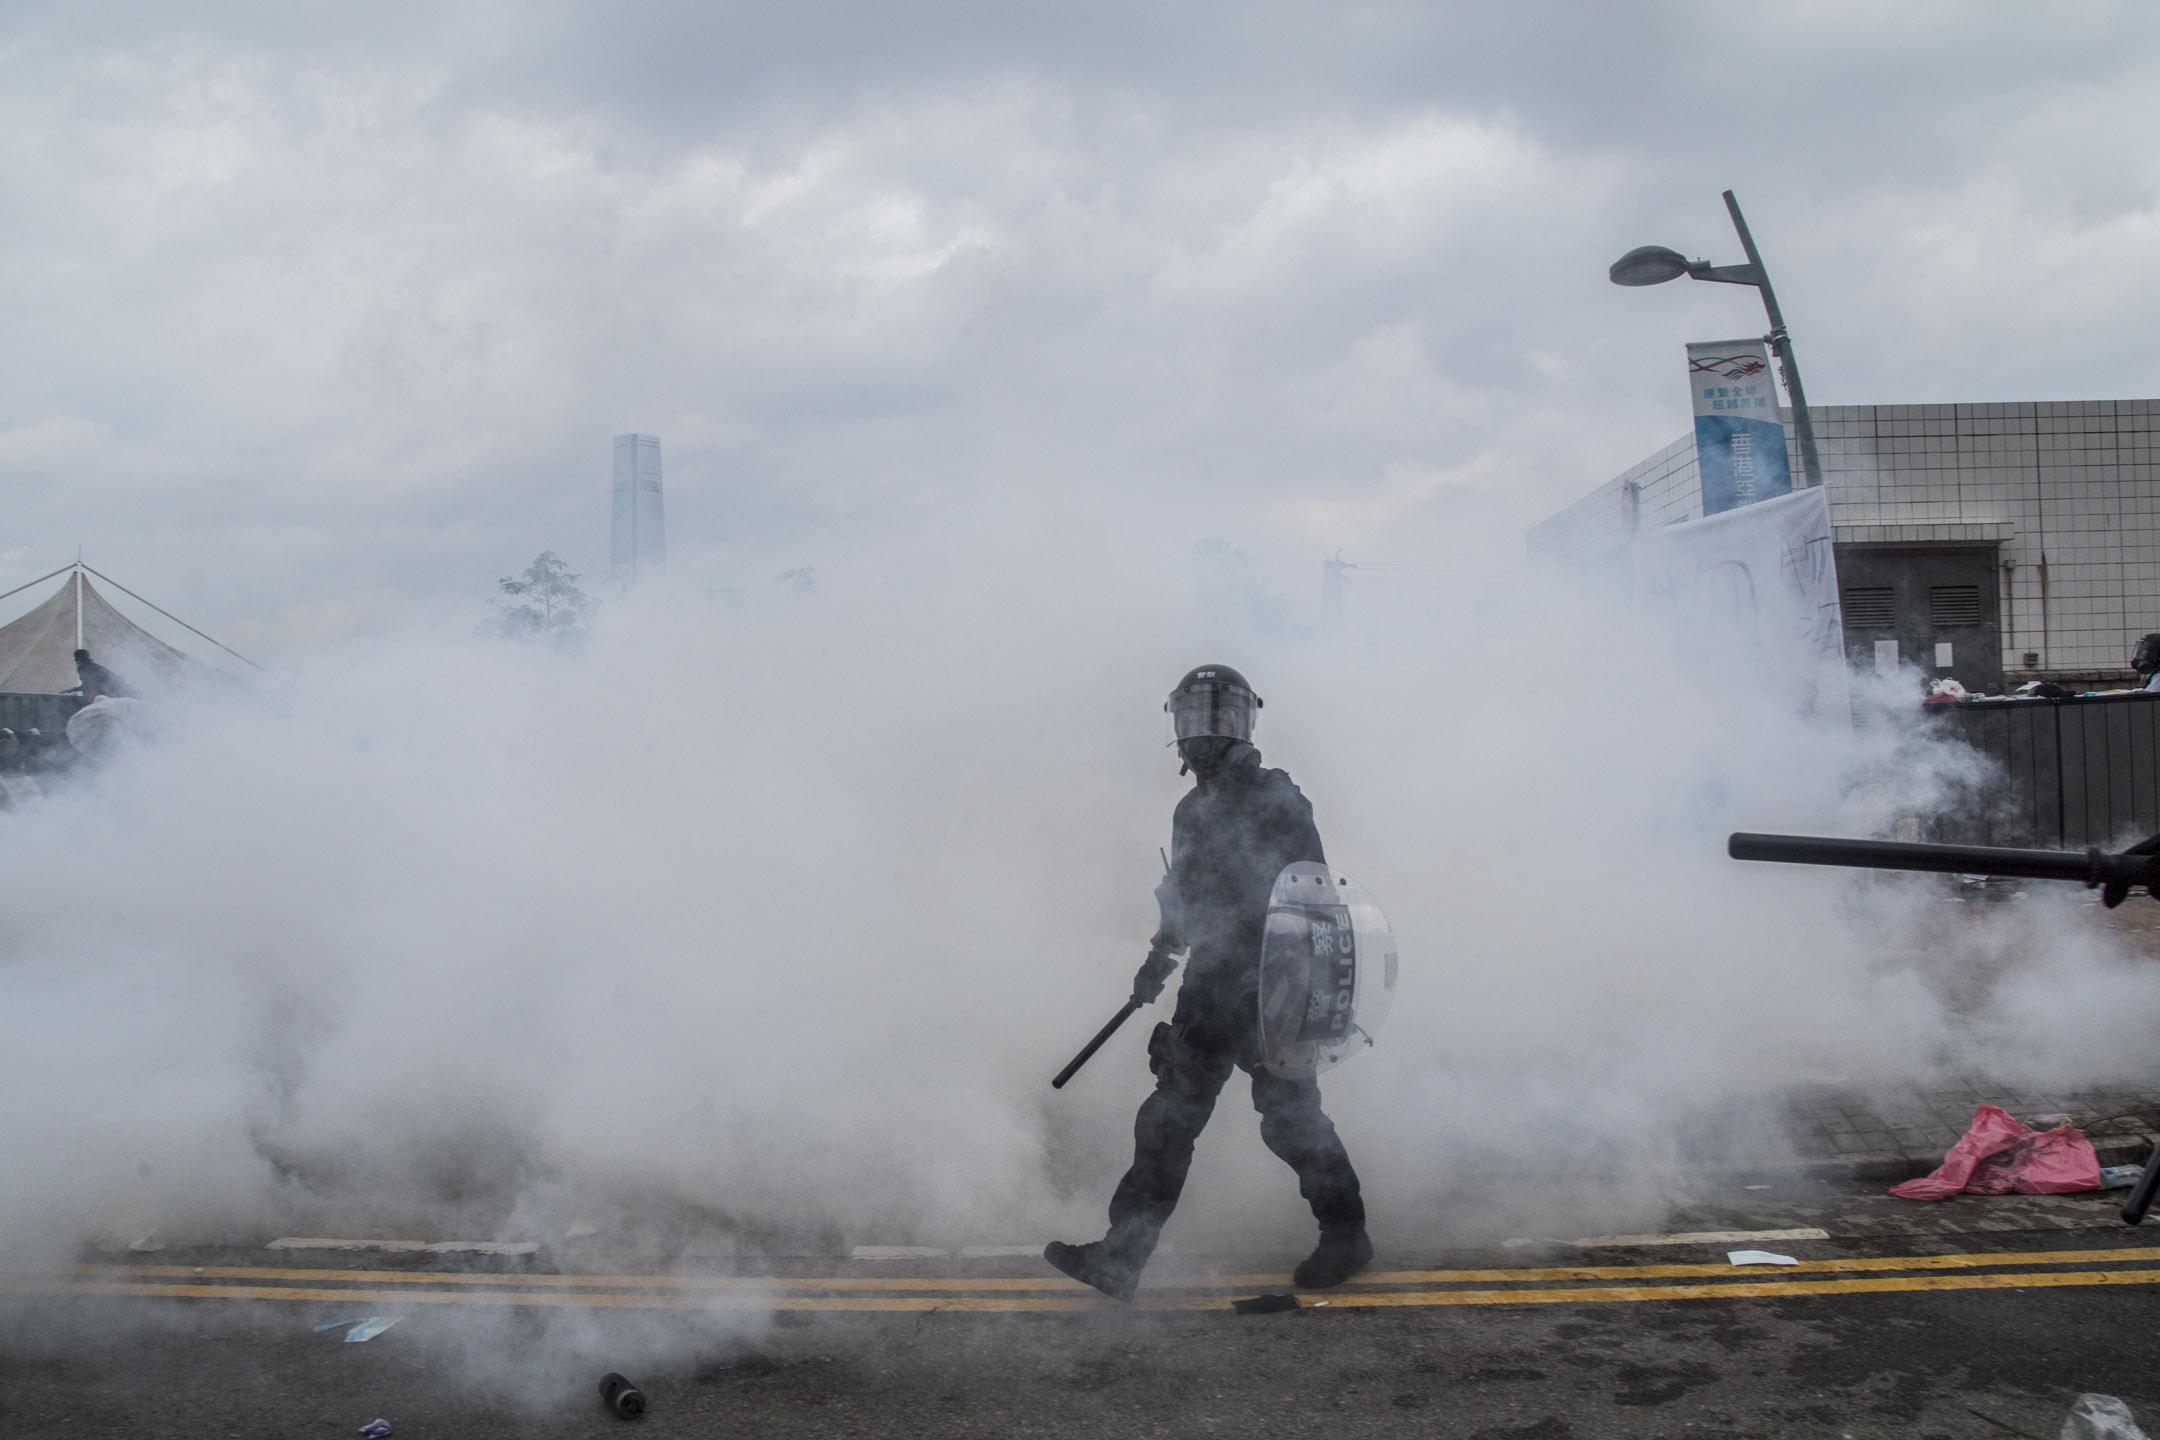 2019年6月12日,金鐘夏慤道的清場行動中,警方合共施放 150 枚催淚彈、20 發布袋彈,警務處處長盧偉聰形容警察的處理方法十分克制,亦有按足指引使用武力。